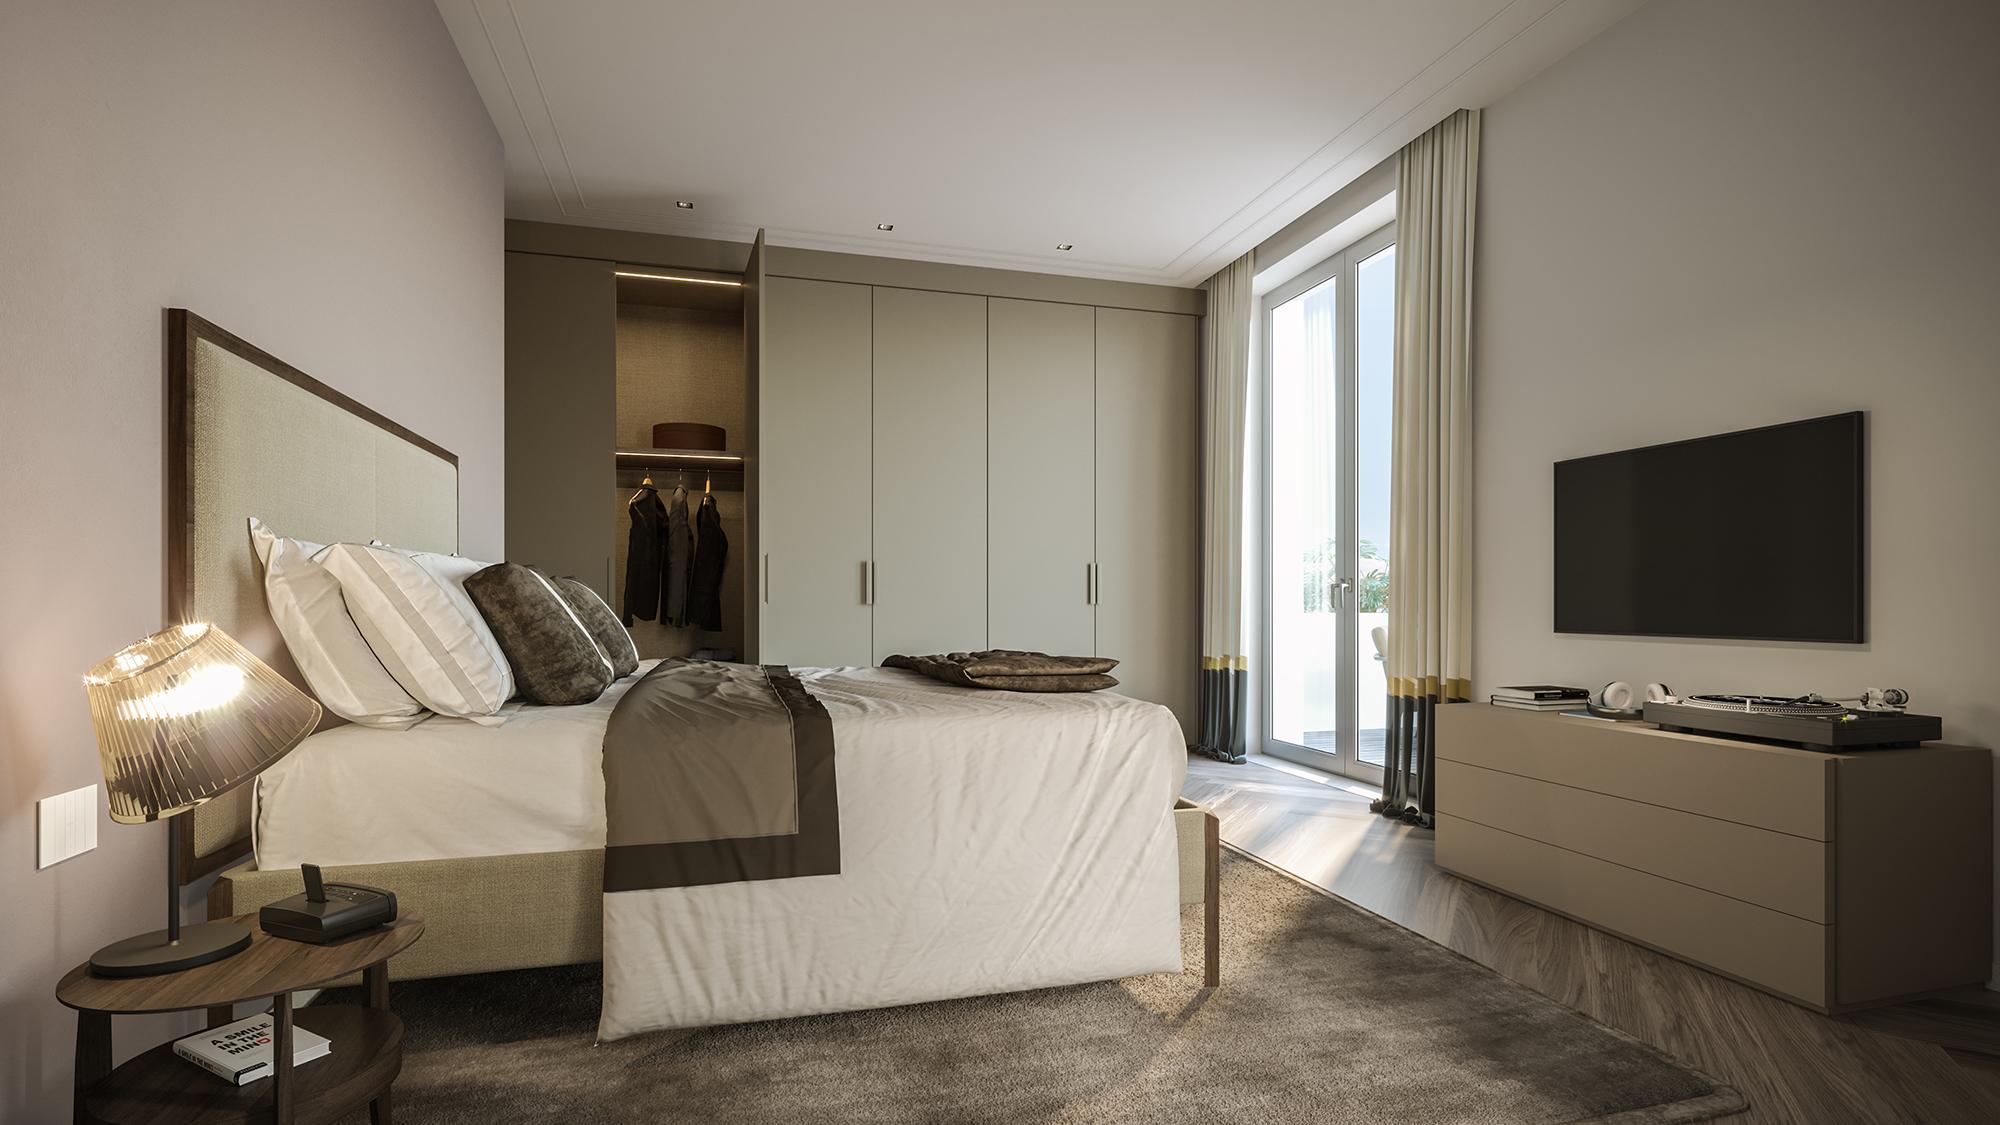 milara-srl-gruppo-postiglione-societa-di-costruzioni-e-vendita-appartamenti-immobili-residenziali-commerciali-cr30-porta-del-mare-ex-marzotto-mood-b-letto-v1-tt-01